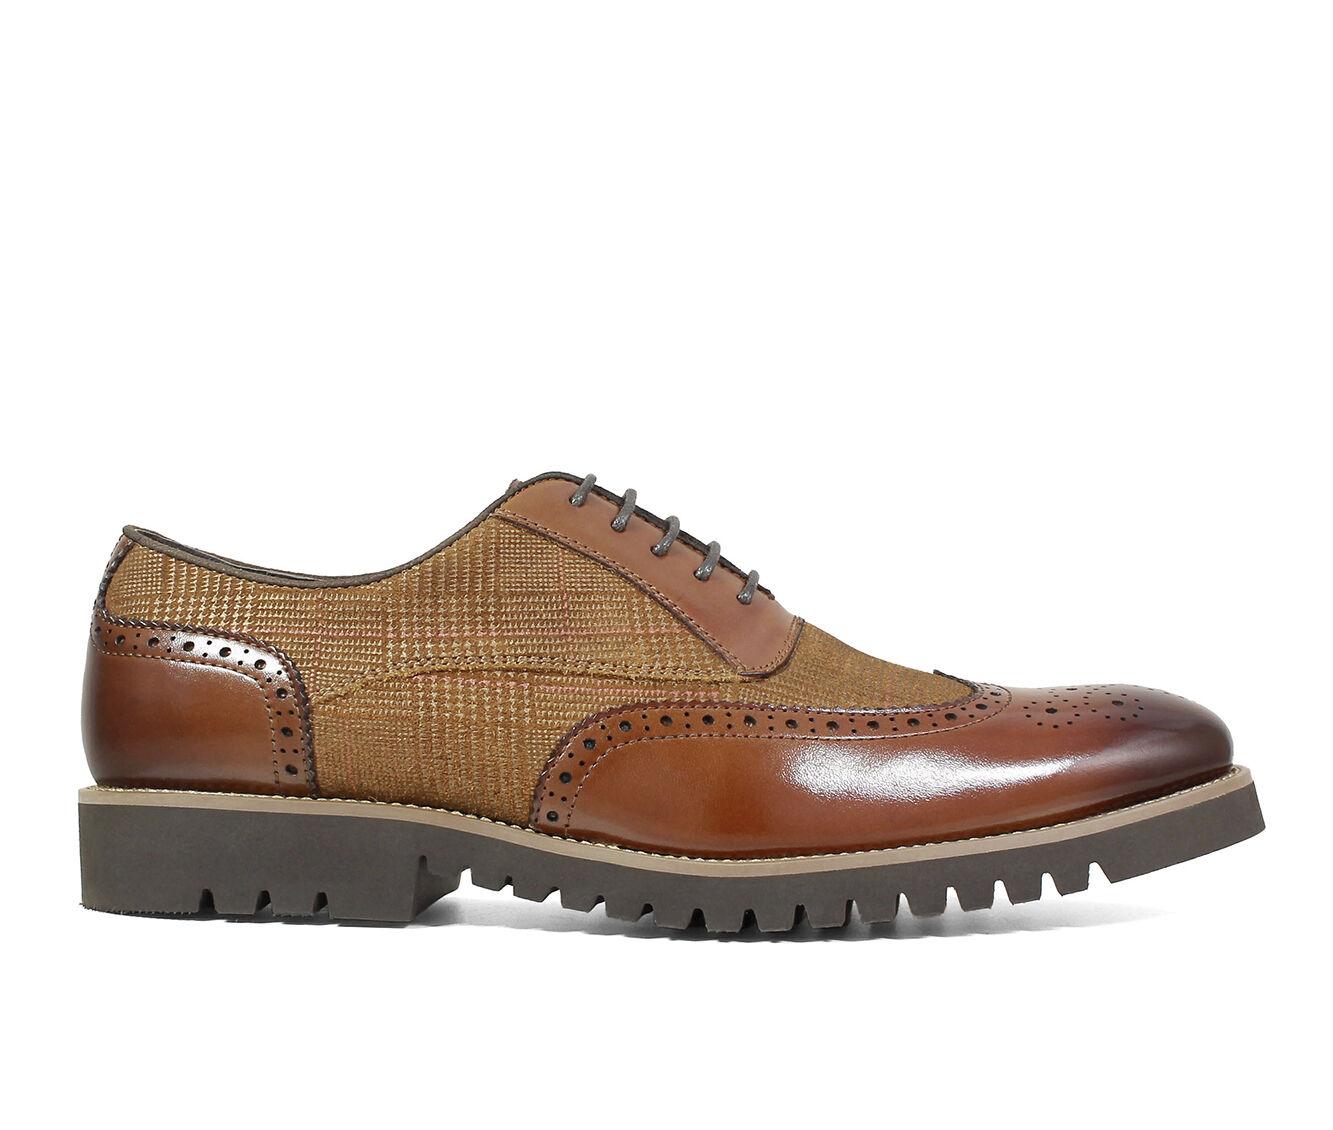 latest series Men's Stacy Adams Baxley Dress Shoes Cognac